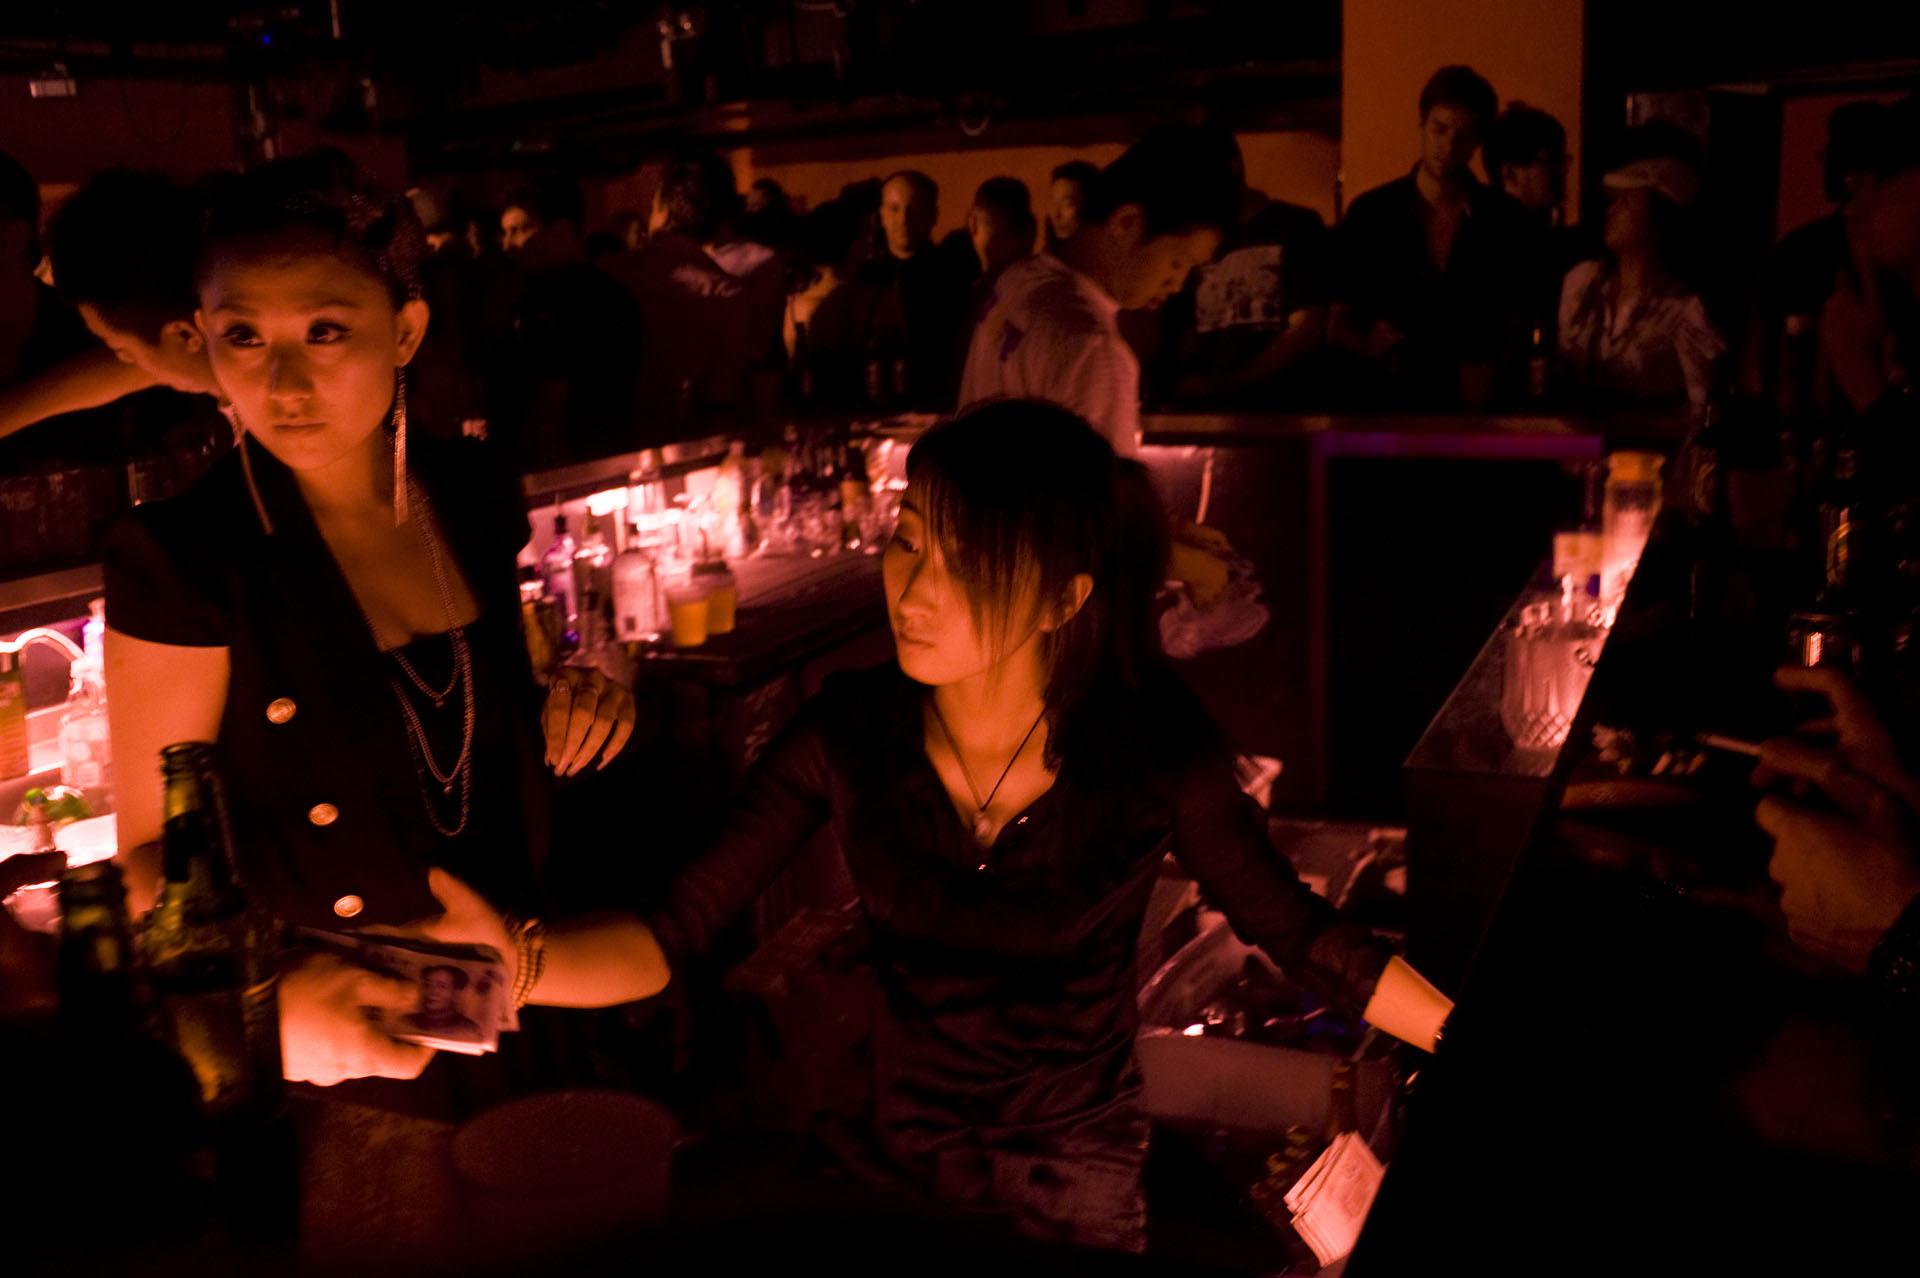 Le Lantern Club